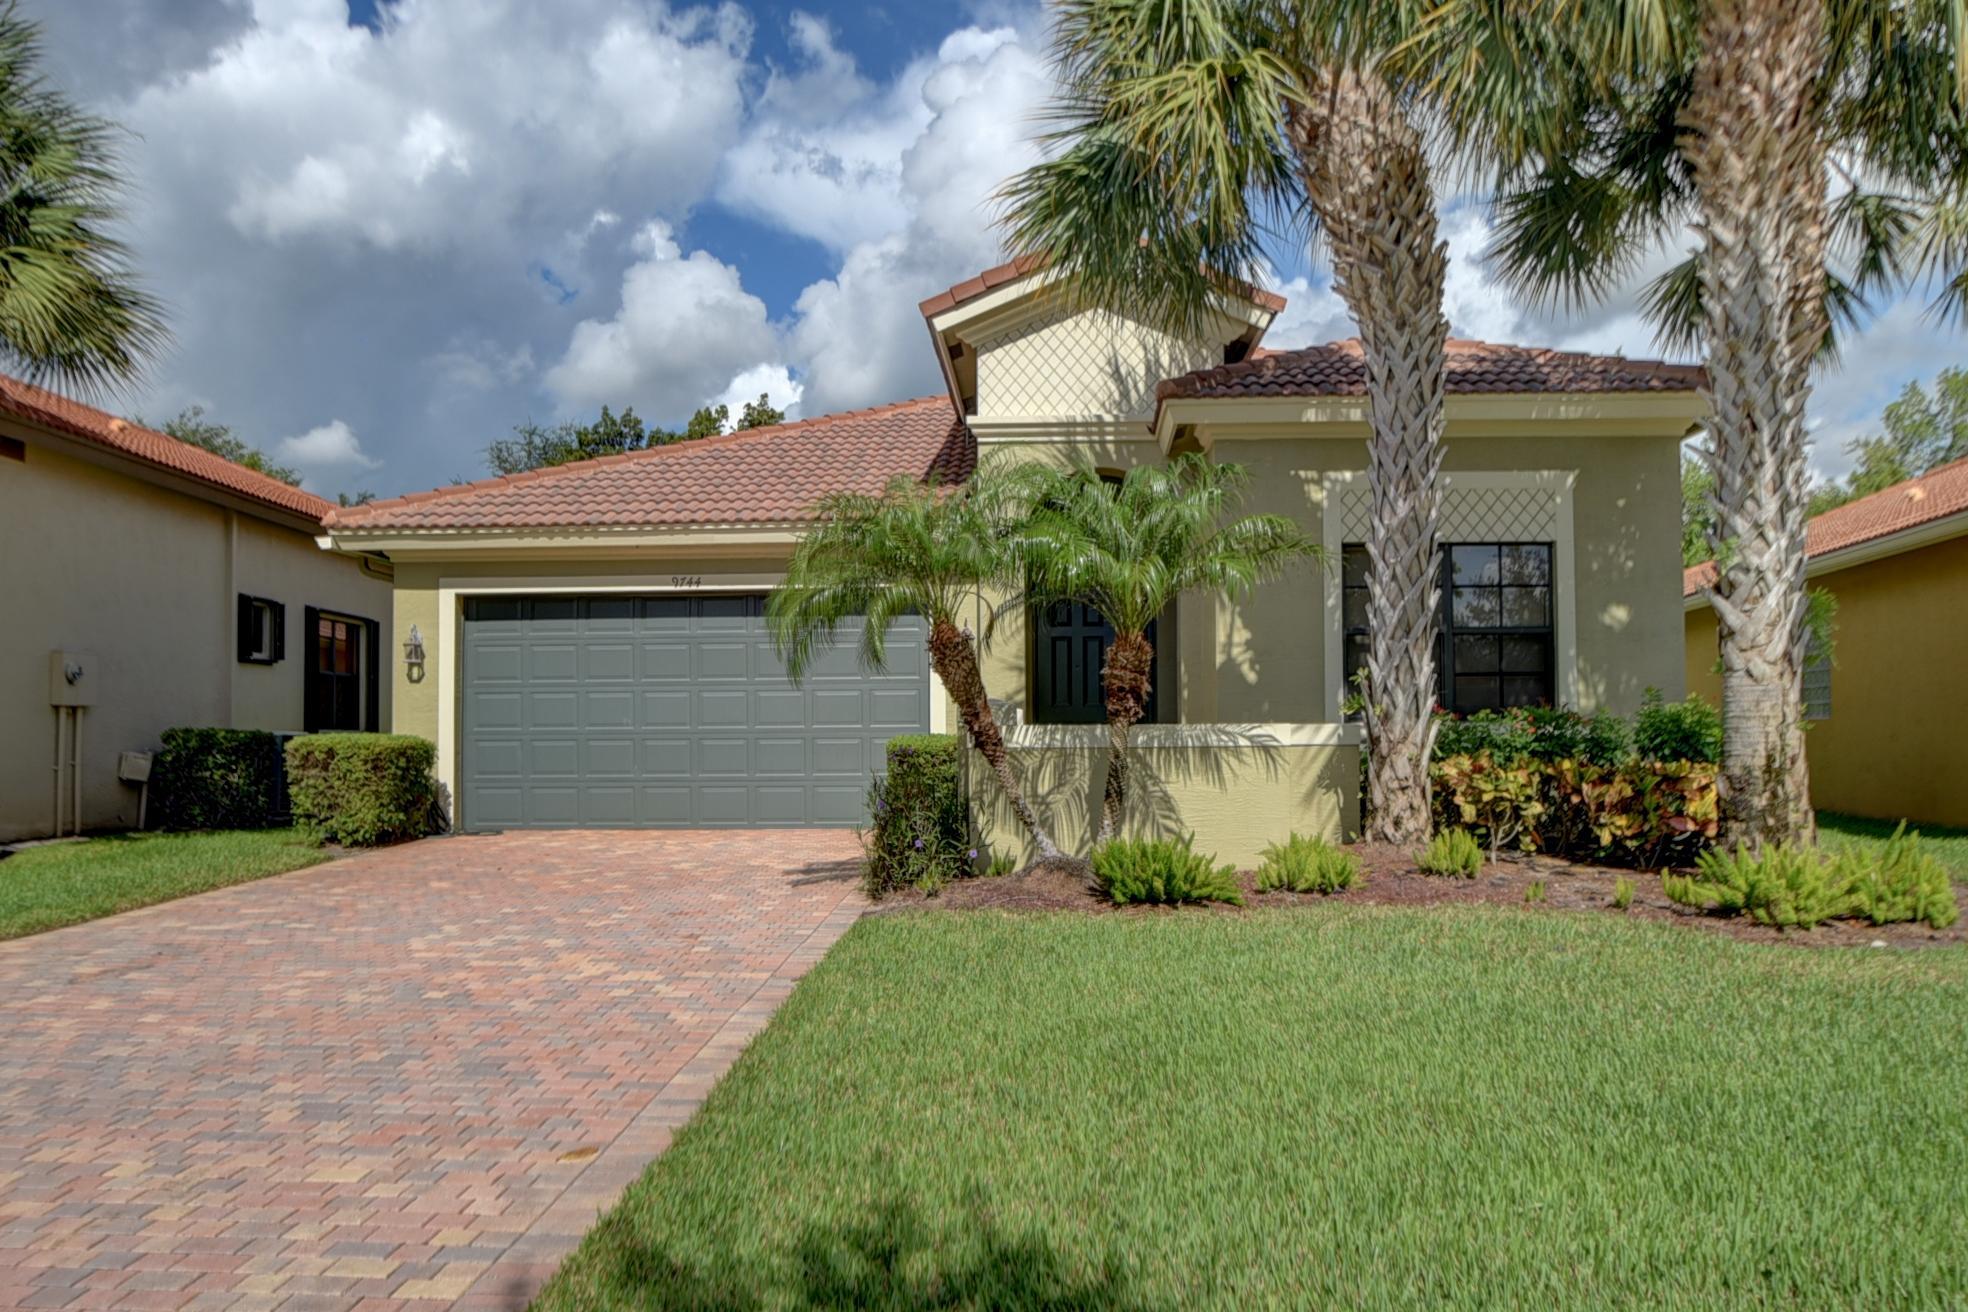 9744 Isles Cay Drive  Delray Beach, FL 33446